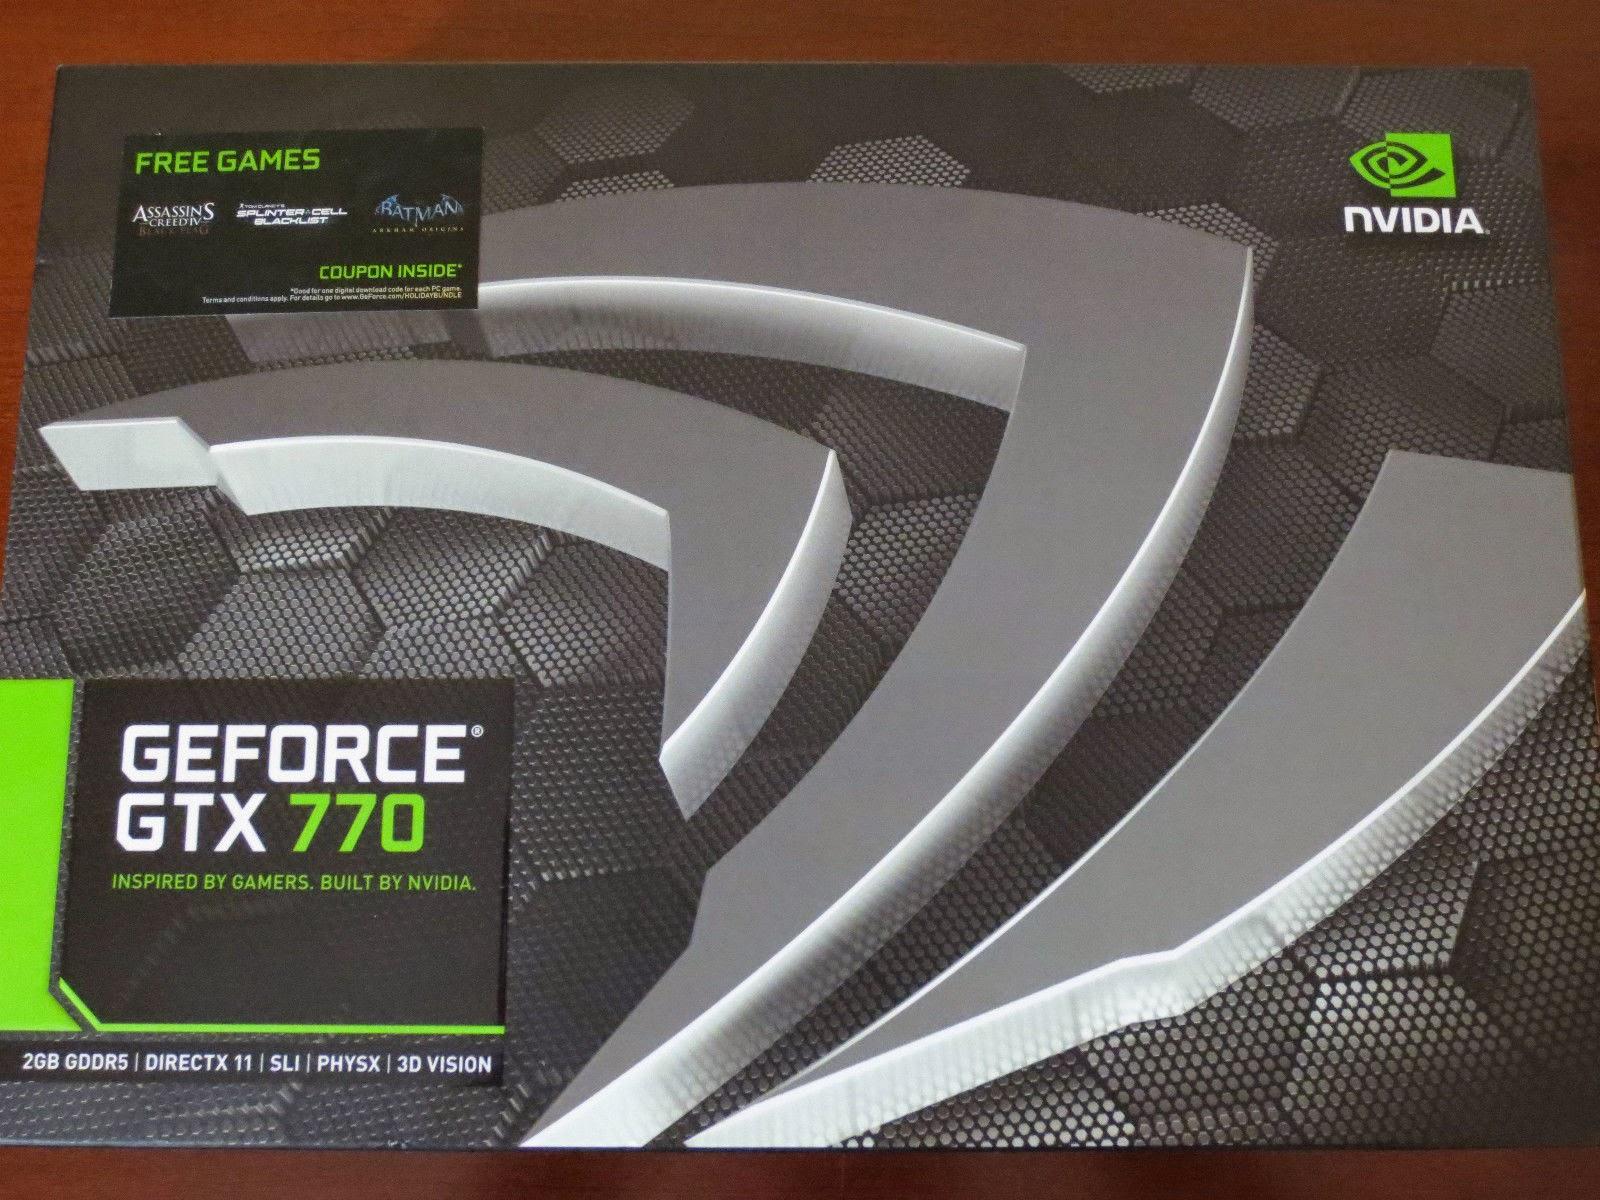 NEW NVIDIA GEFORCE GTX770 2GB GDDR5 SLI GRAPHICS CARD